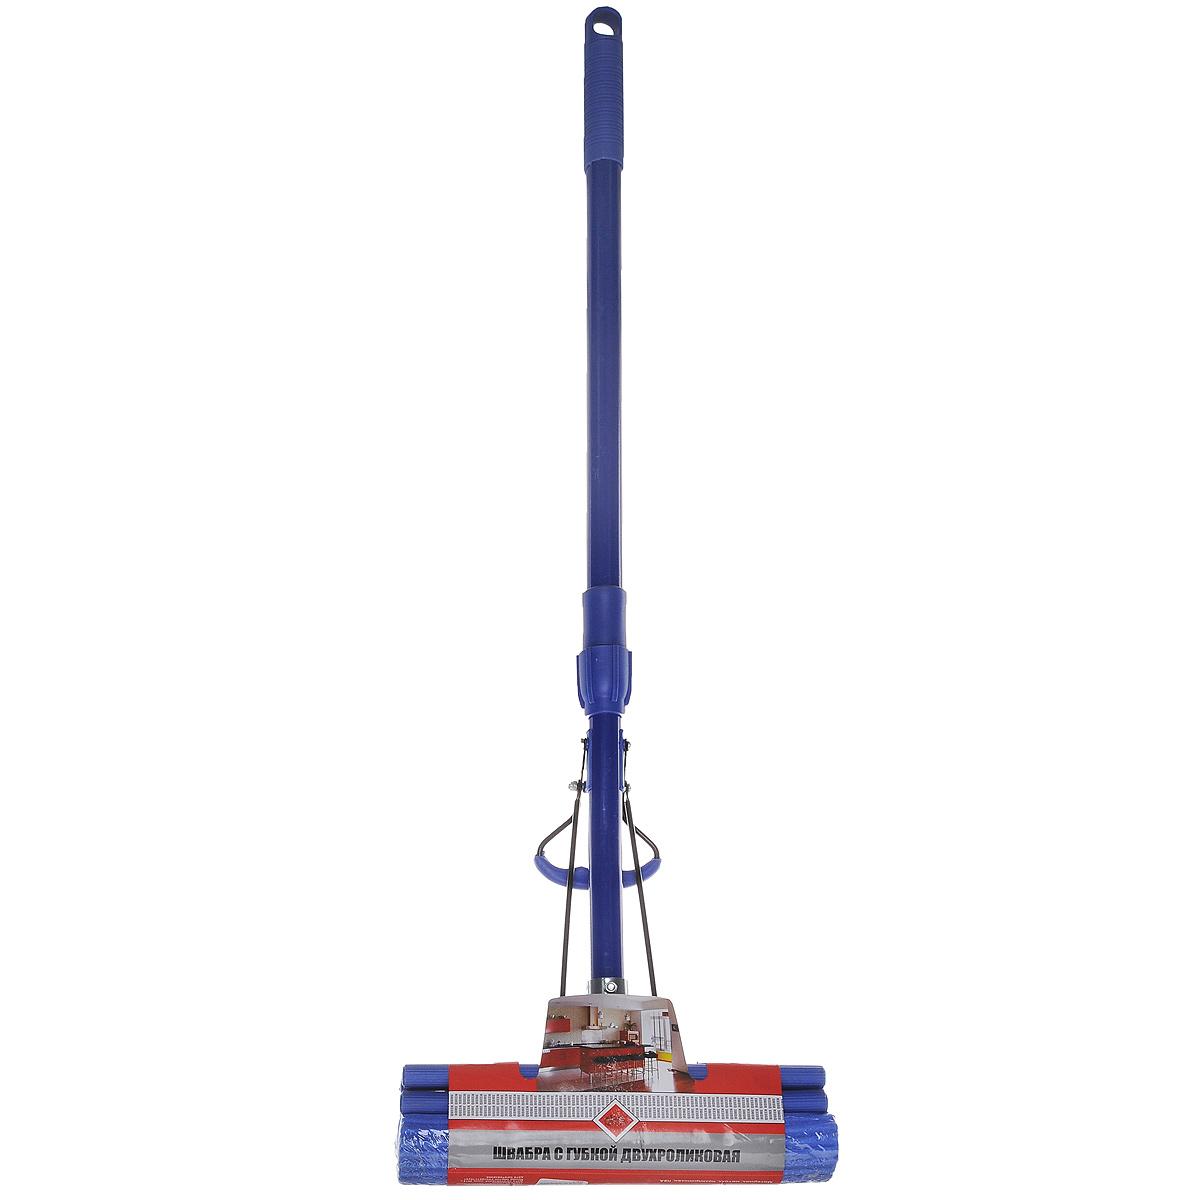 Швабра Home Queen А07 с отжимом, с телескопической ручкой, 75-107 см57247Швабра Home Queen, выполненная из металла, полипропилена и ПВА, подходит для всех видов напольных покрытий. Швабра имеет отжимной механизм с двумя роликами для большего эффекта и эргономичный изгиб телескопической ручки для комфорта при использовании. Отлично впитывает влагу и легко отжимается. Применяется для мытья пола, окон, стен, машин и т.п. Перед применением опустить губку в воду на 10 минут. После размягчения губки швабра готова к эксплуатации. Швабра Home Queen очистит любые виды загрязнений. Длина ручки: 75 см - 107 см. Размер губки: 27,5 см х 7,5 см х 5,5 см.